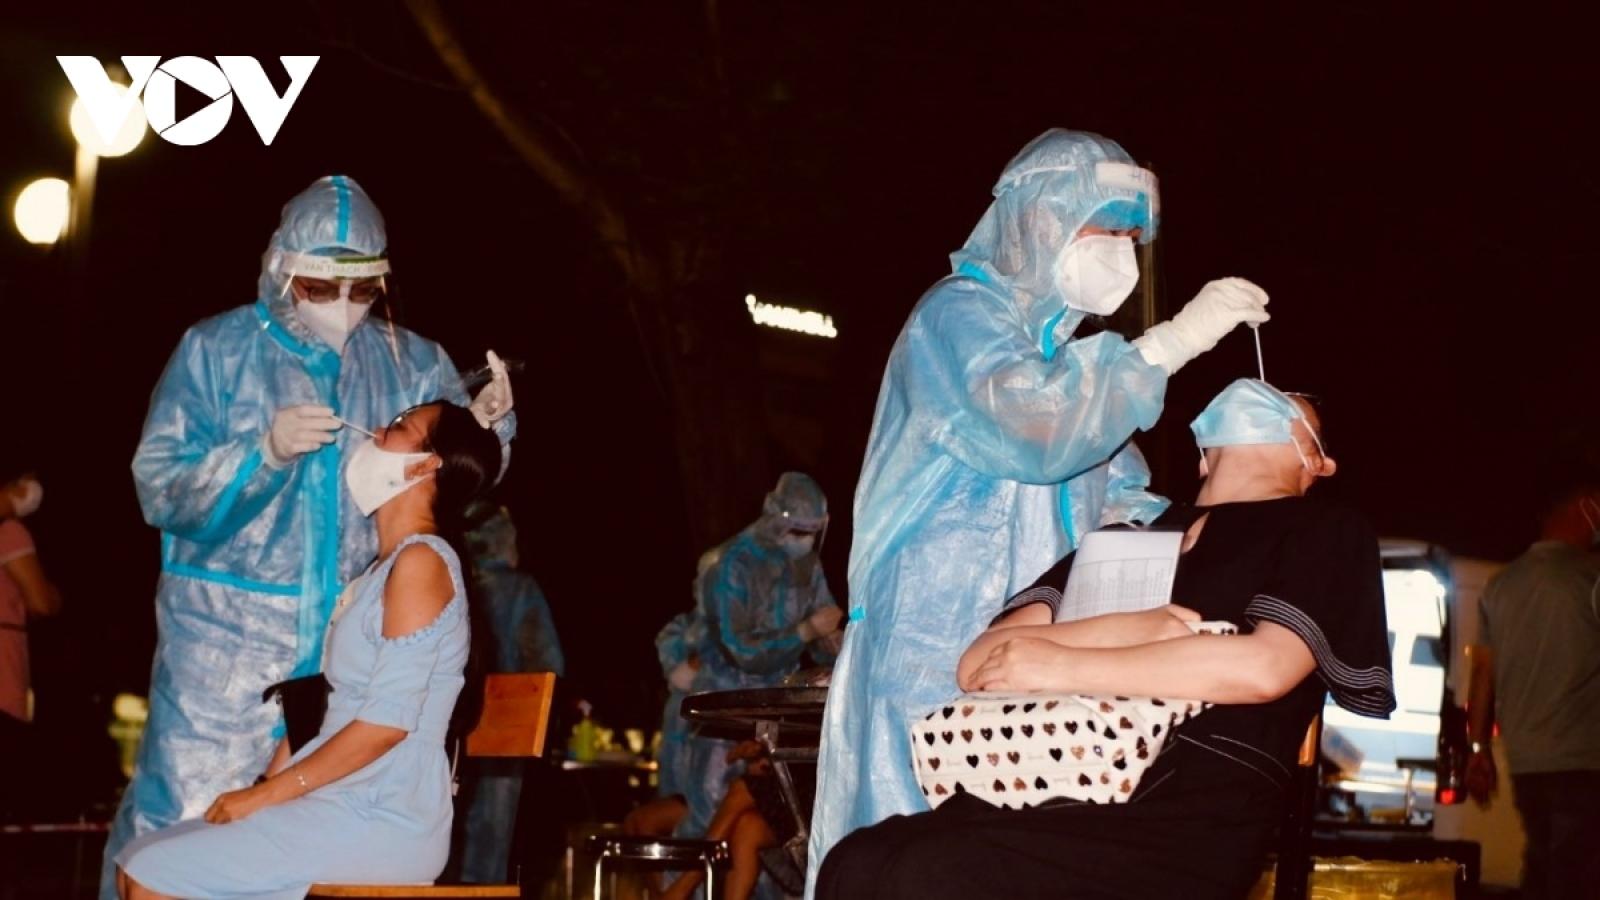 Chiều 5/8 Việt Nam có thêm 3.301 ca mắc COVID-19, riêng TP.HCM có 1.537 ca